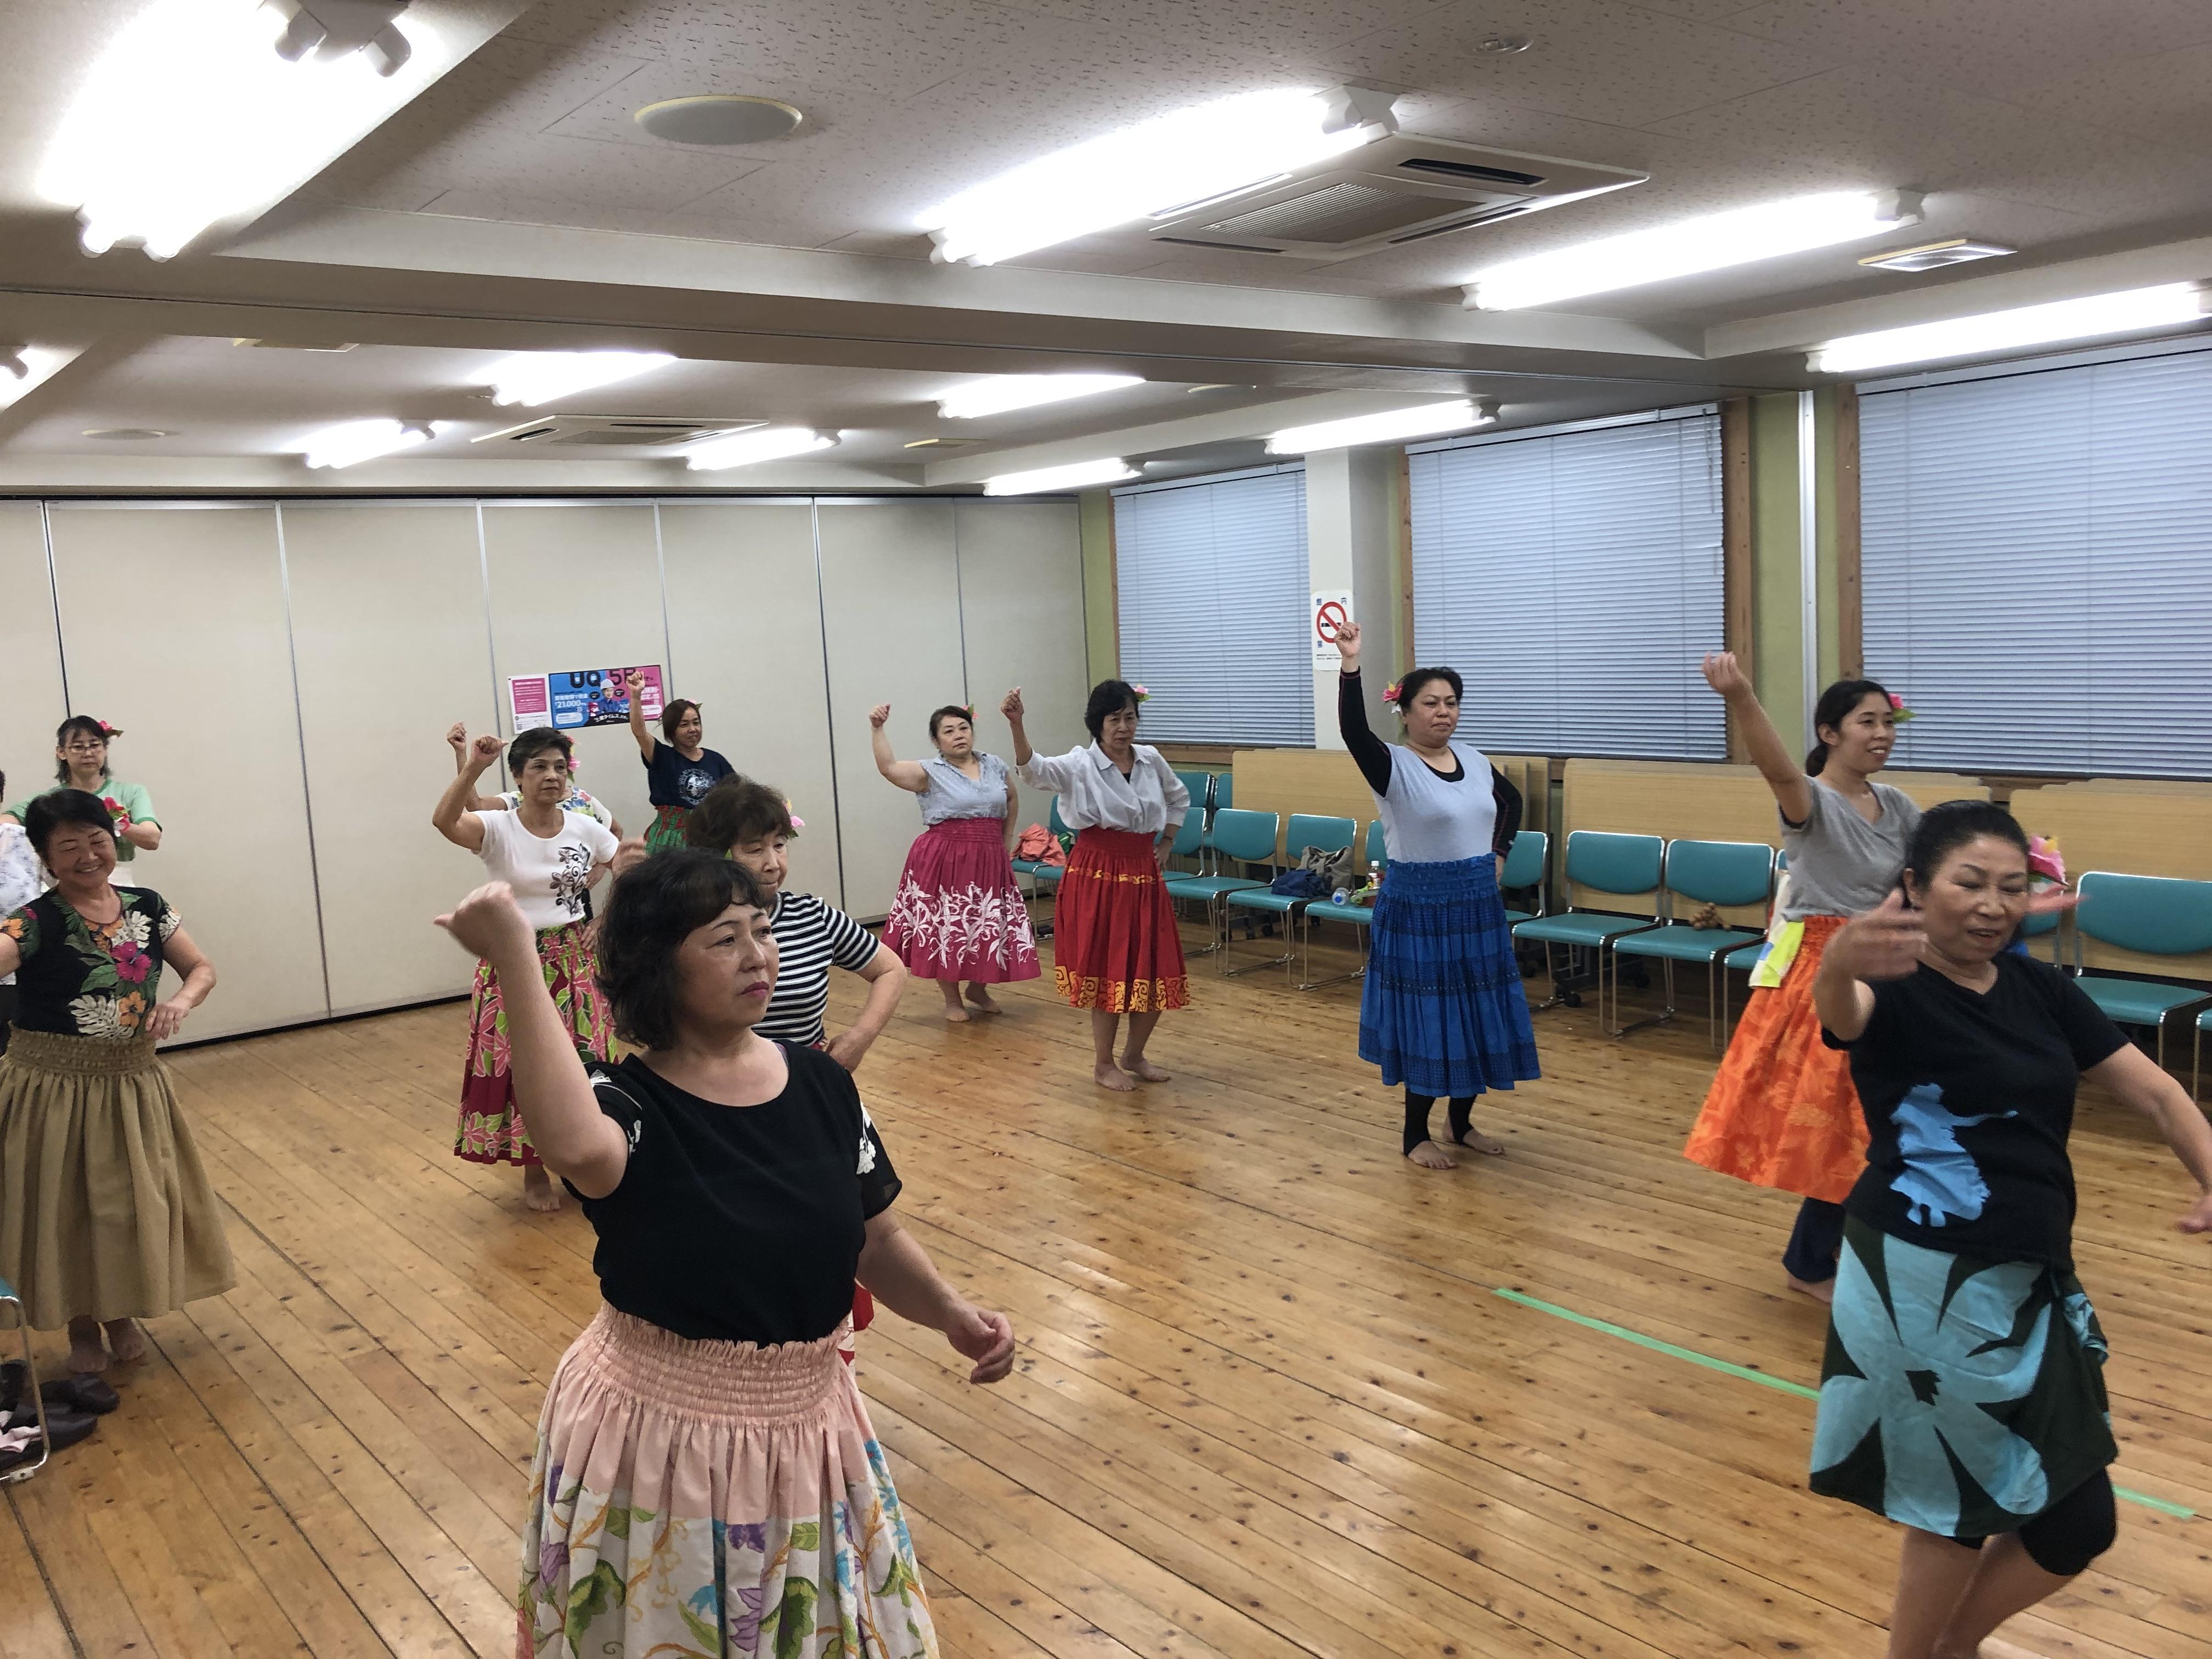 女性の会では夏休みのお楽しみとして、子供も参加できる夏休みフラダンス体験教室を開催しました。普段は3か月くらいかけて1曲を覚え踊るところを、わずか1時間の練習で駆け足で覚えて、みんなで1曲踊ることができました。